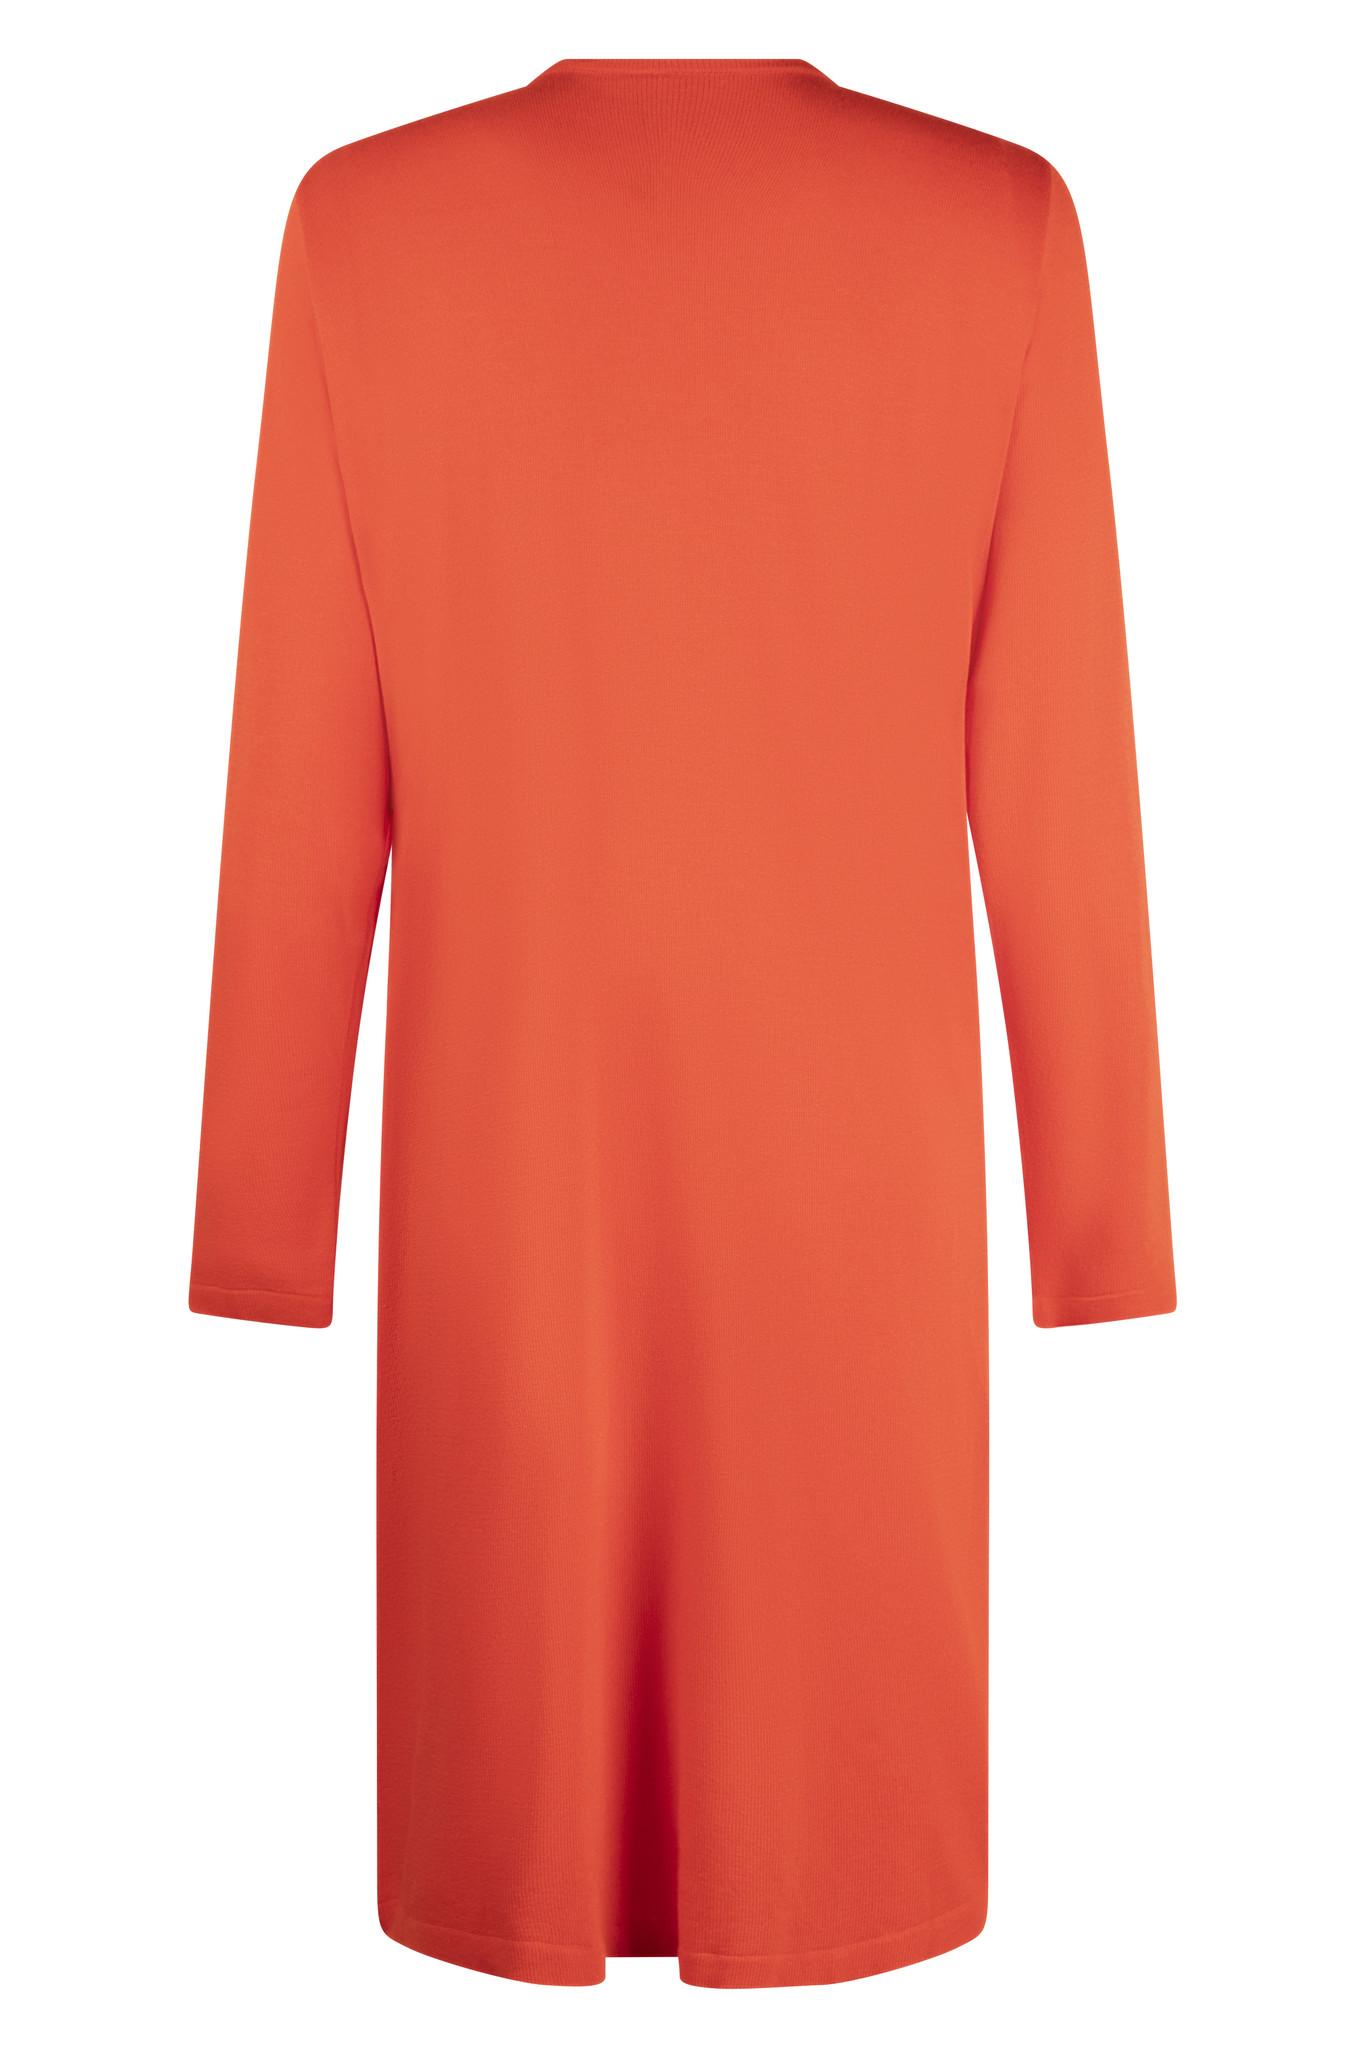 Zoso Zoso Mel vest Cardigans Summer red